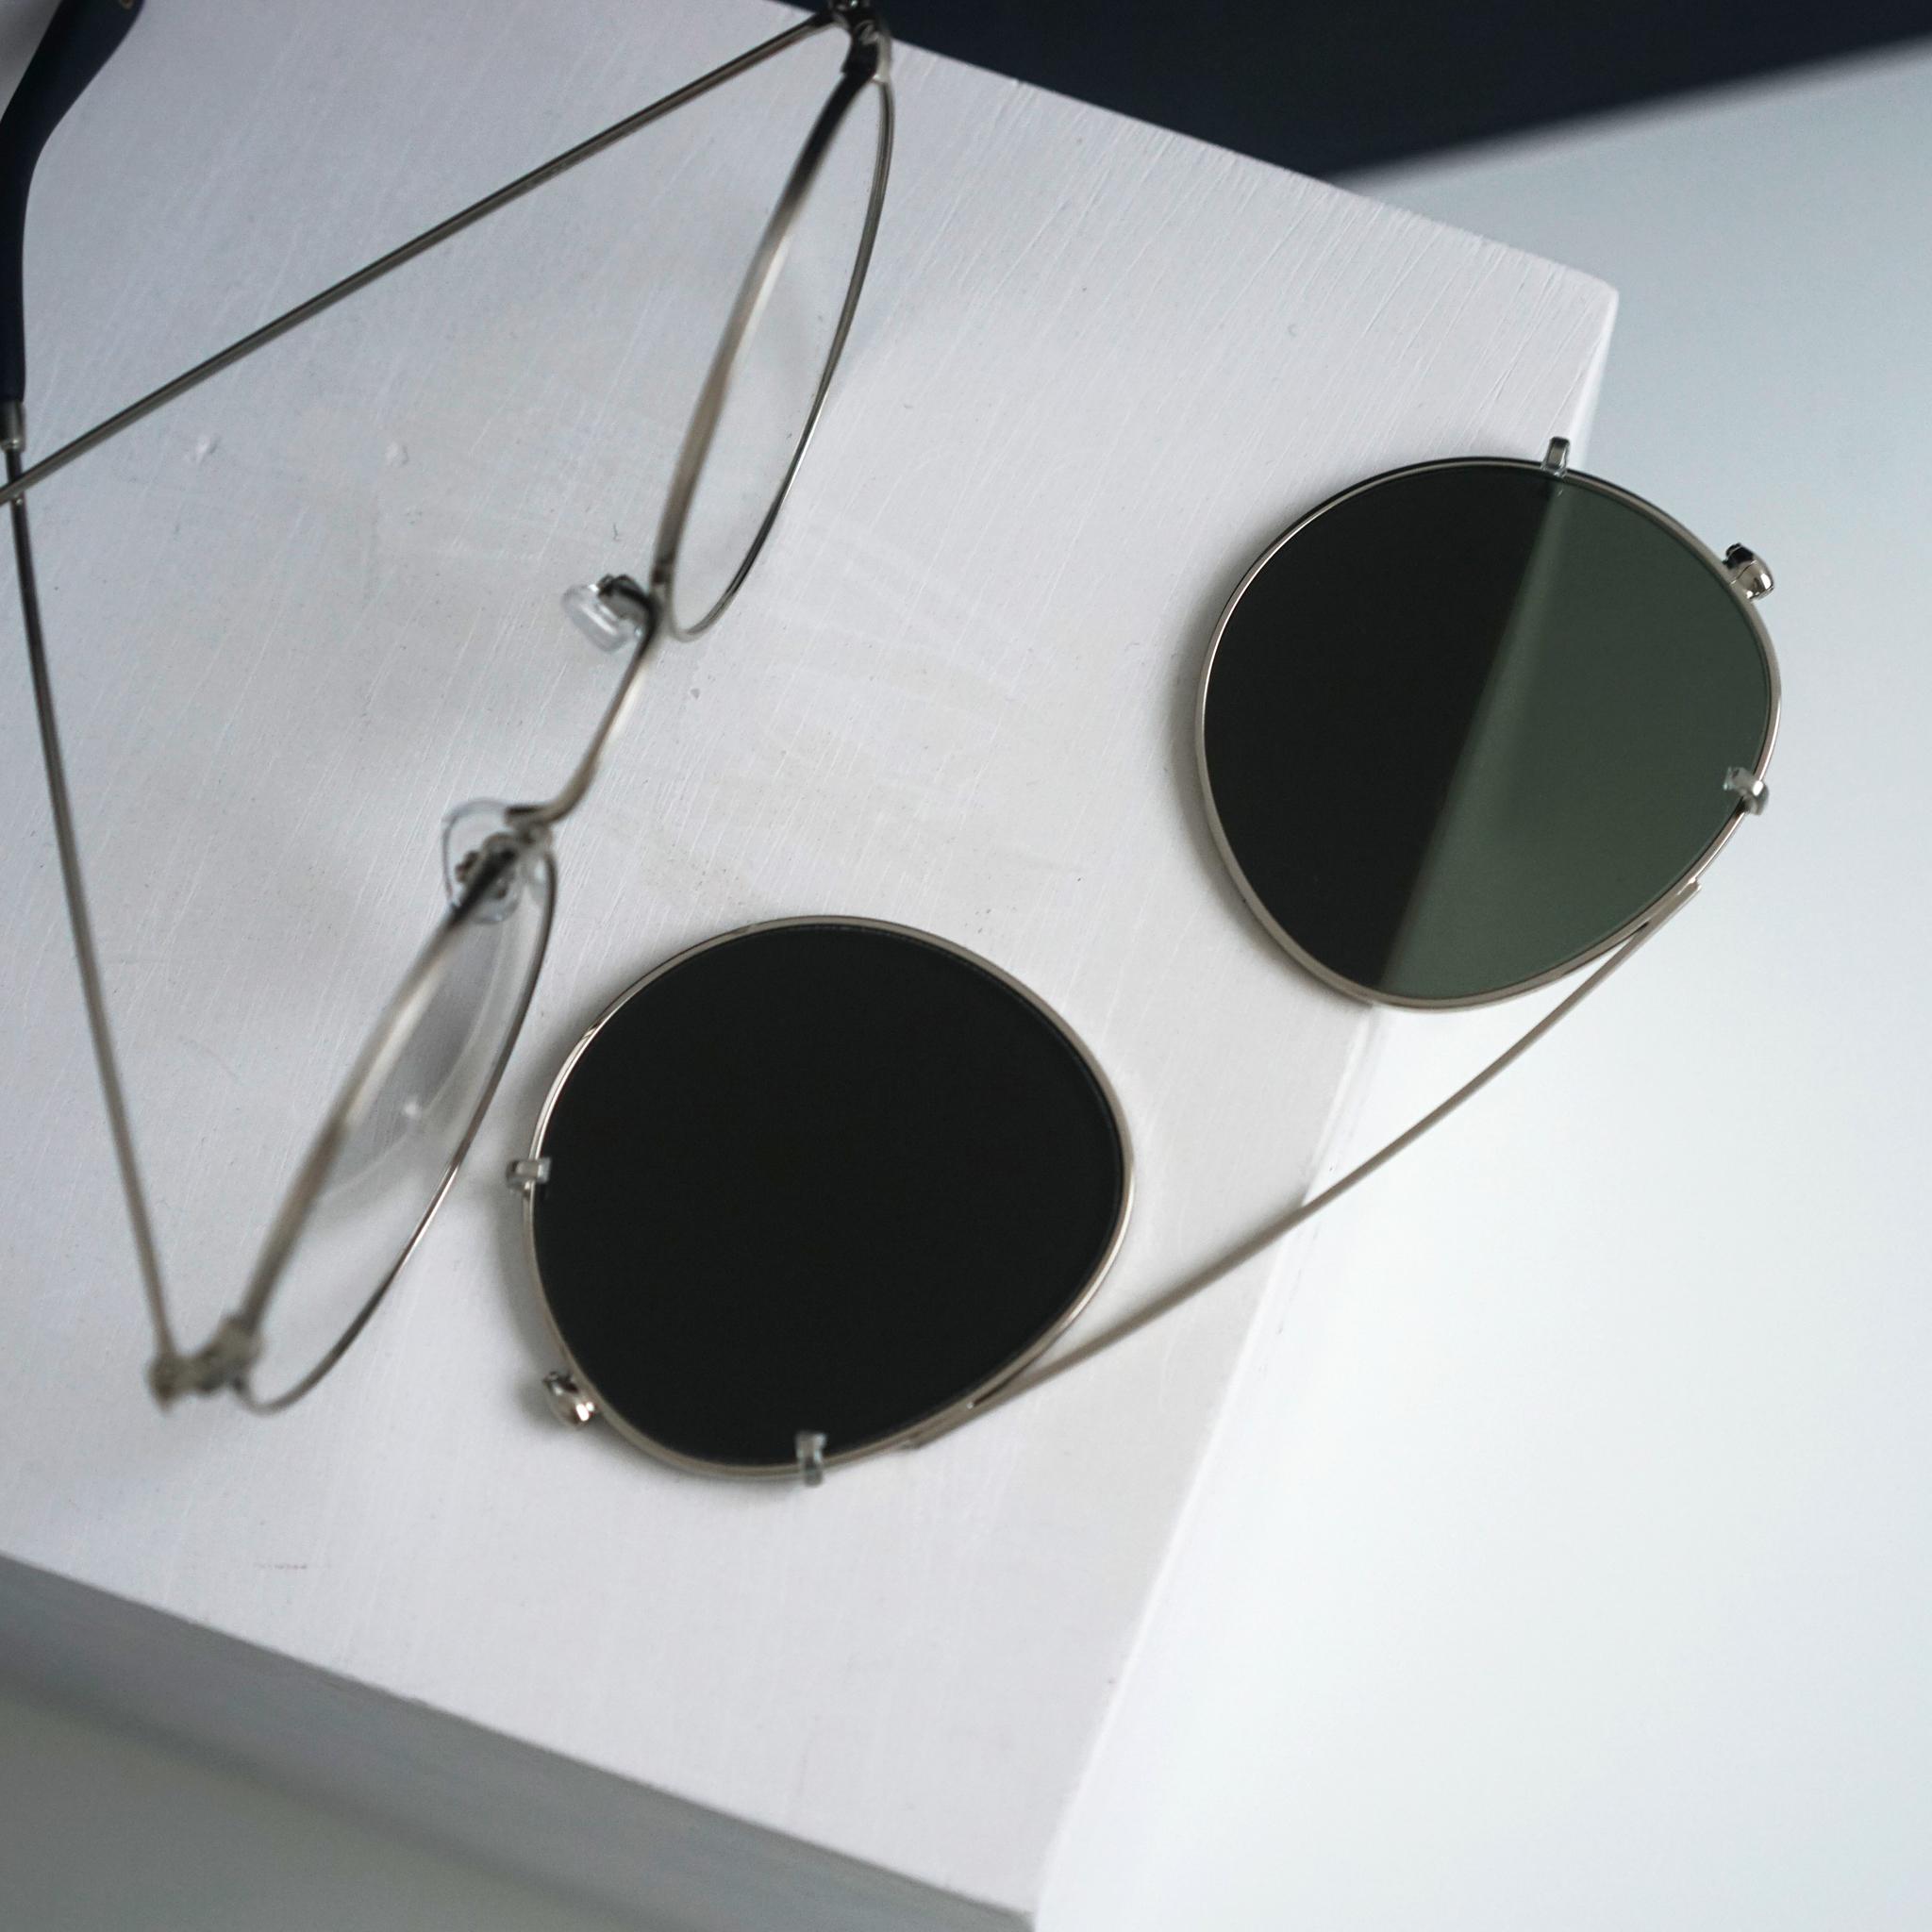 Inventery Clip-On Sunglasses Chrome